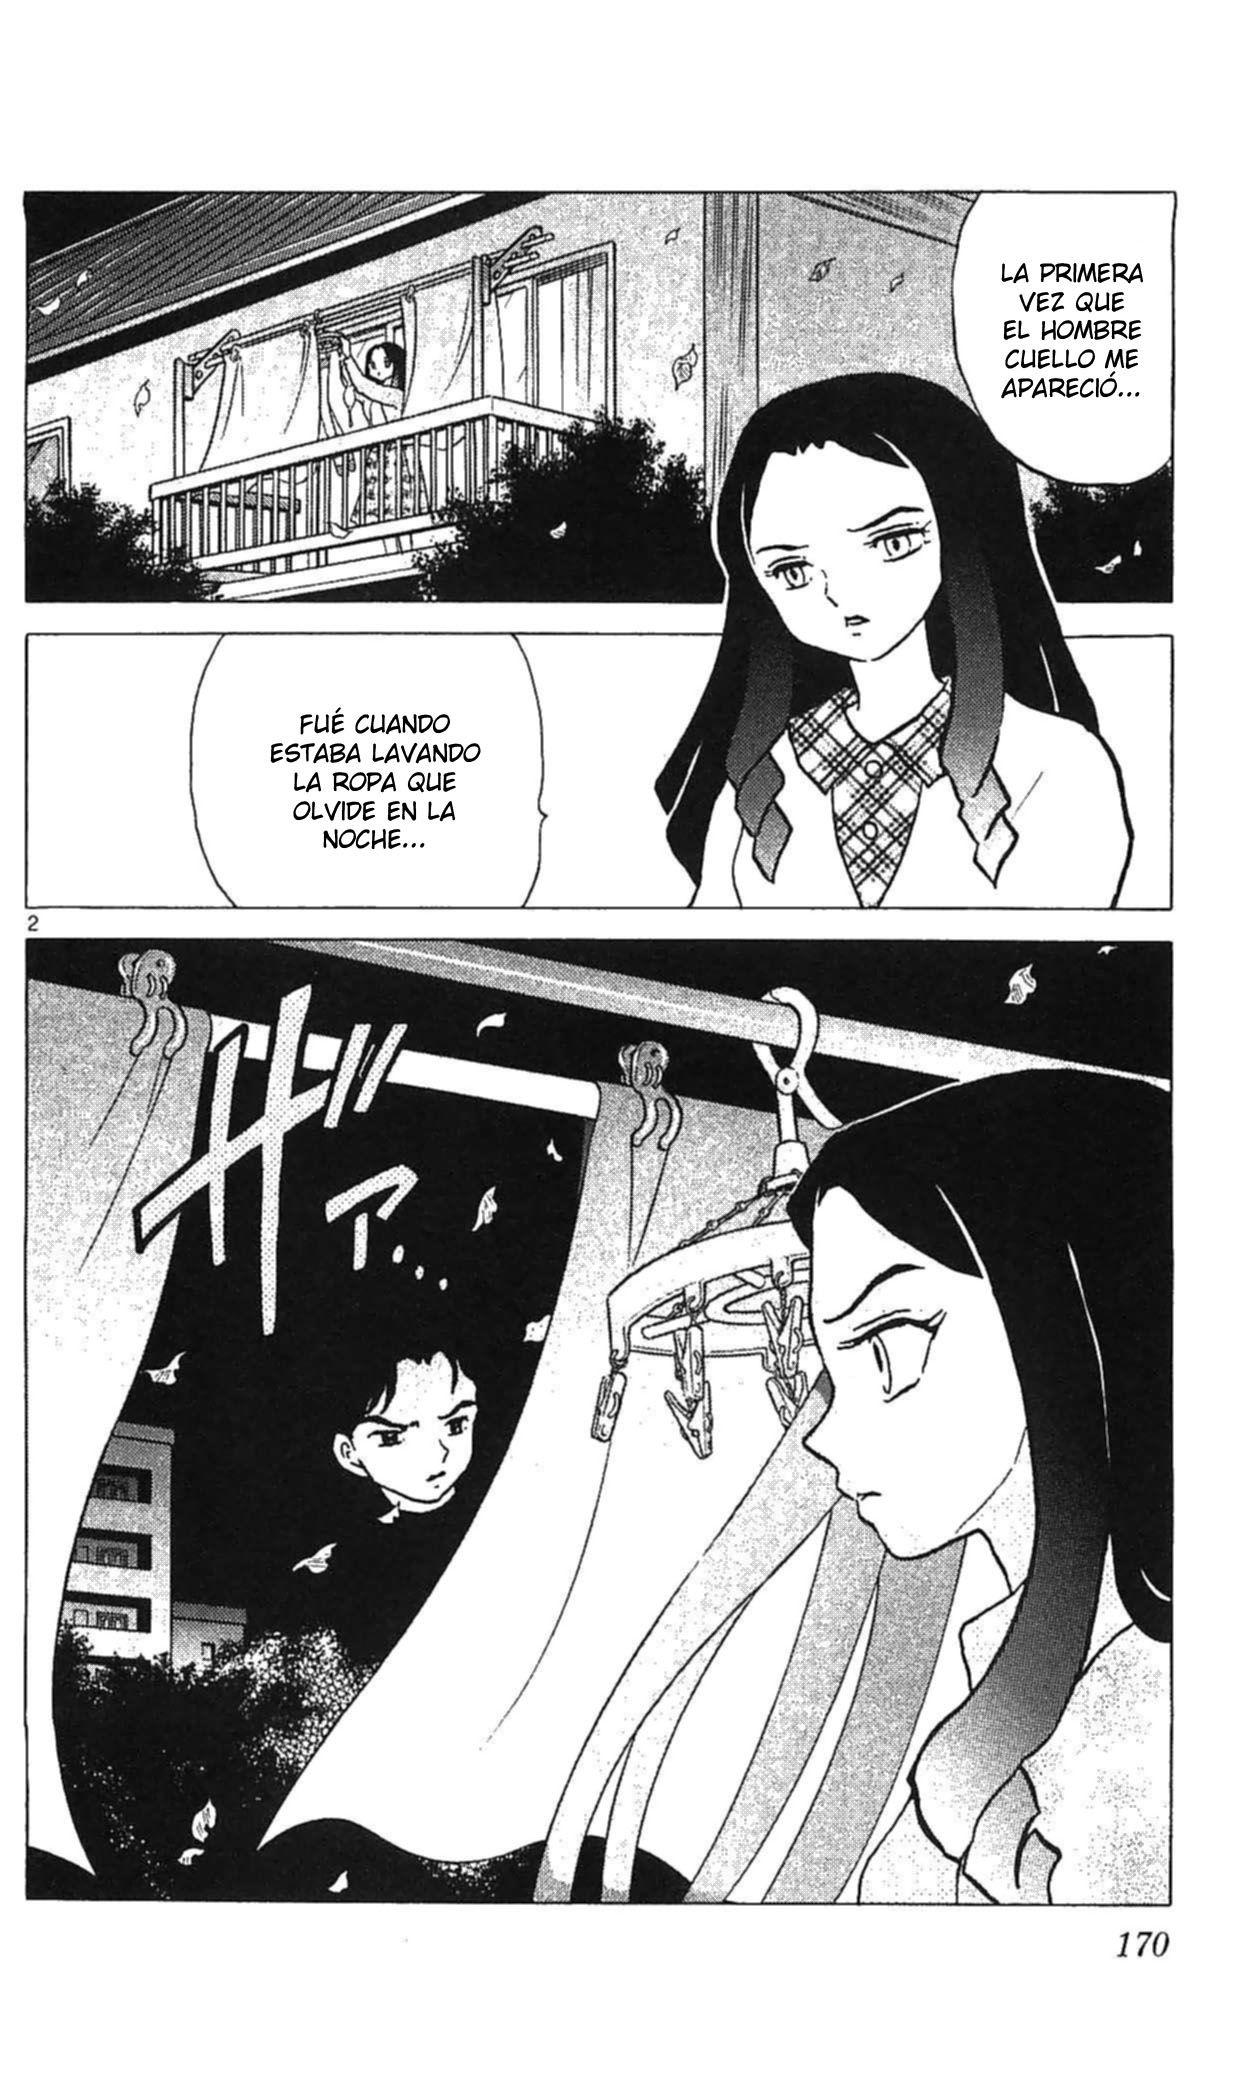 https://c5.ninemanga.com/es_manga/pic2/33/609/524744/282f81a0f102e8a41ac1e5b476779847.jpg Page 3